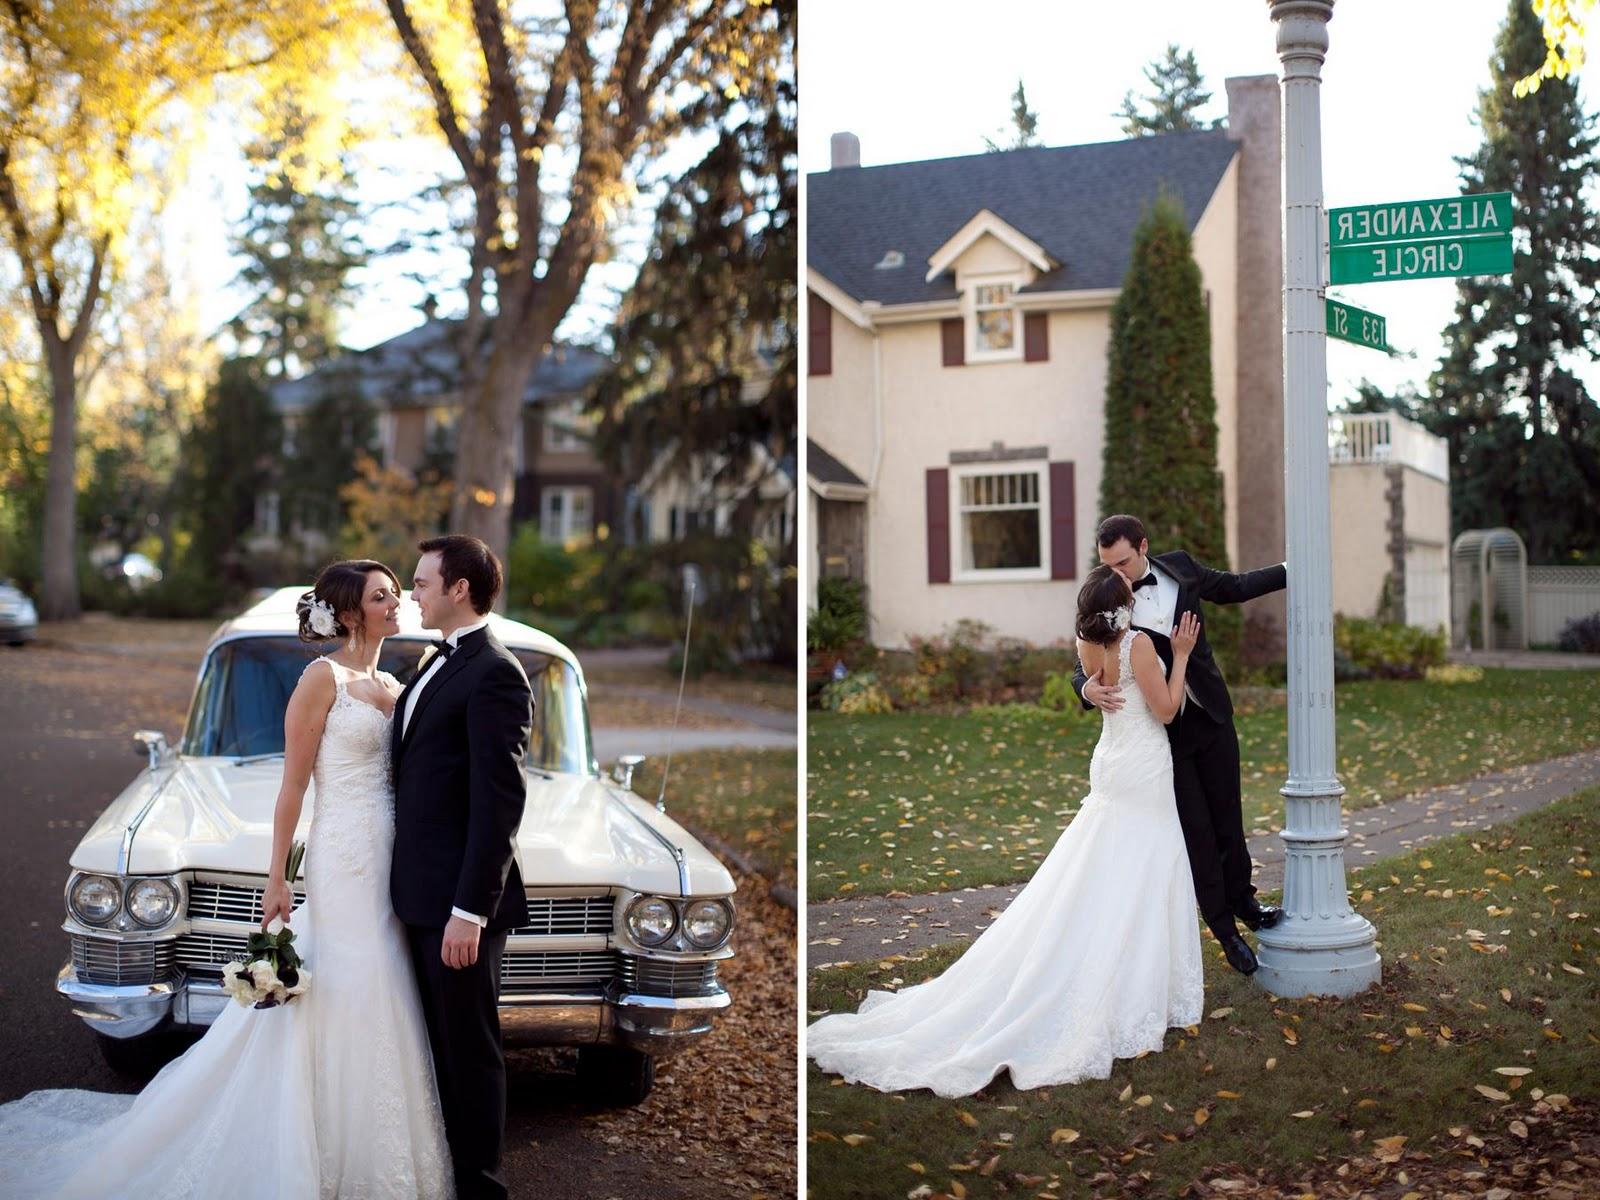 Edmonton Wedding Photography.